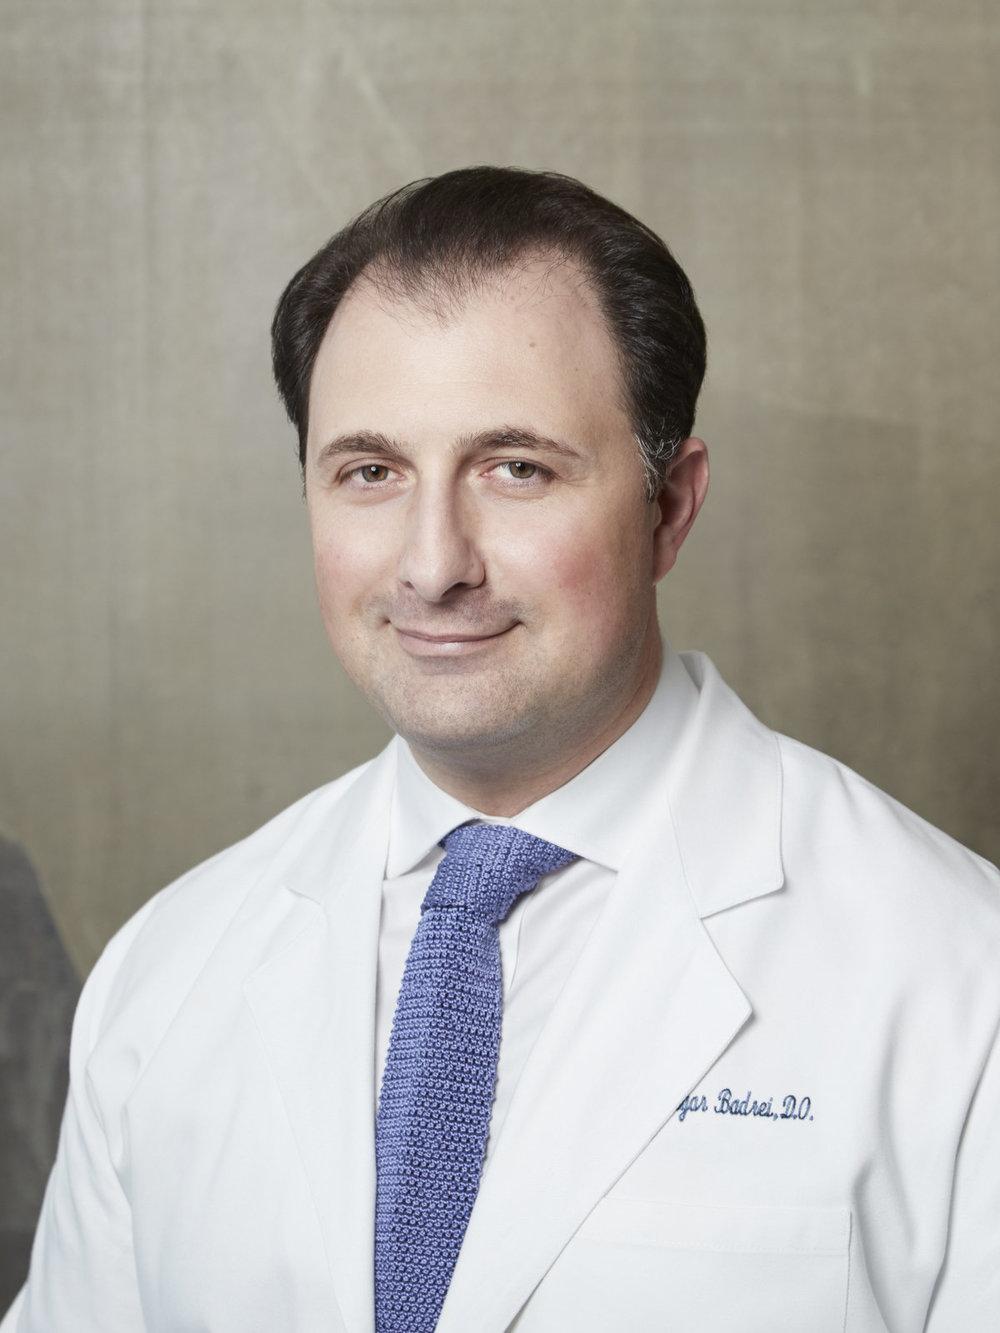 Dr. Badrei.jpg